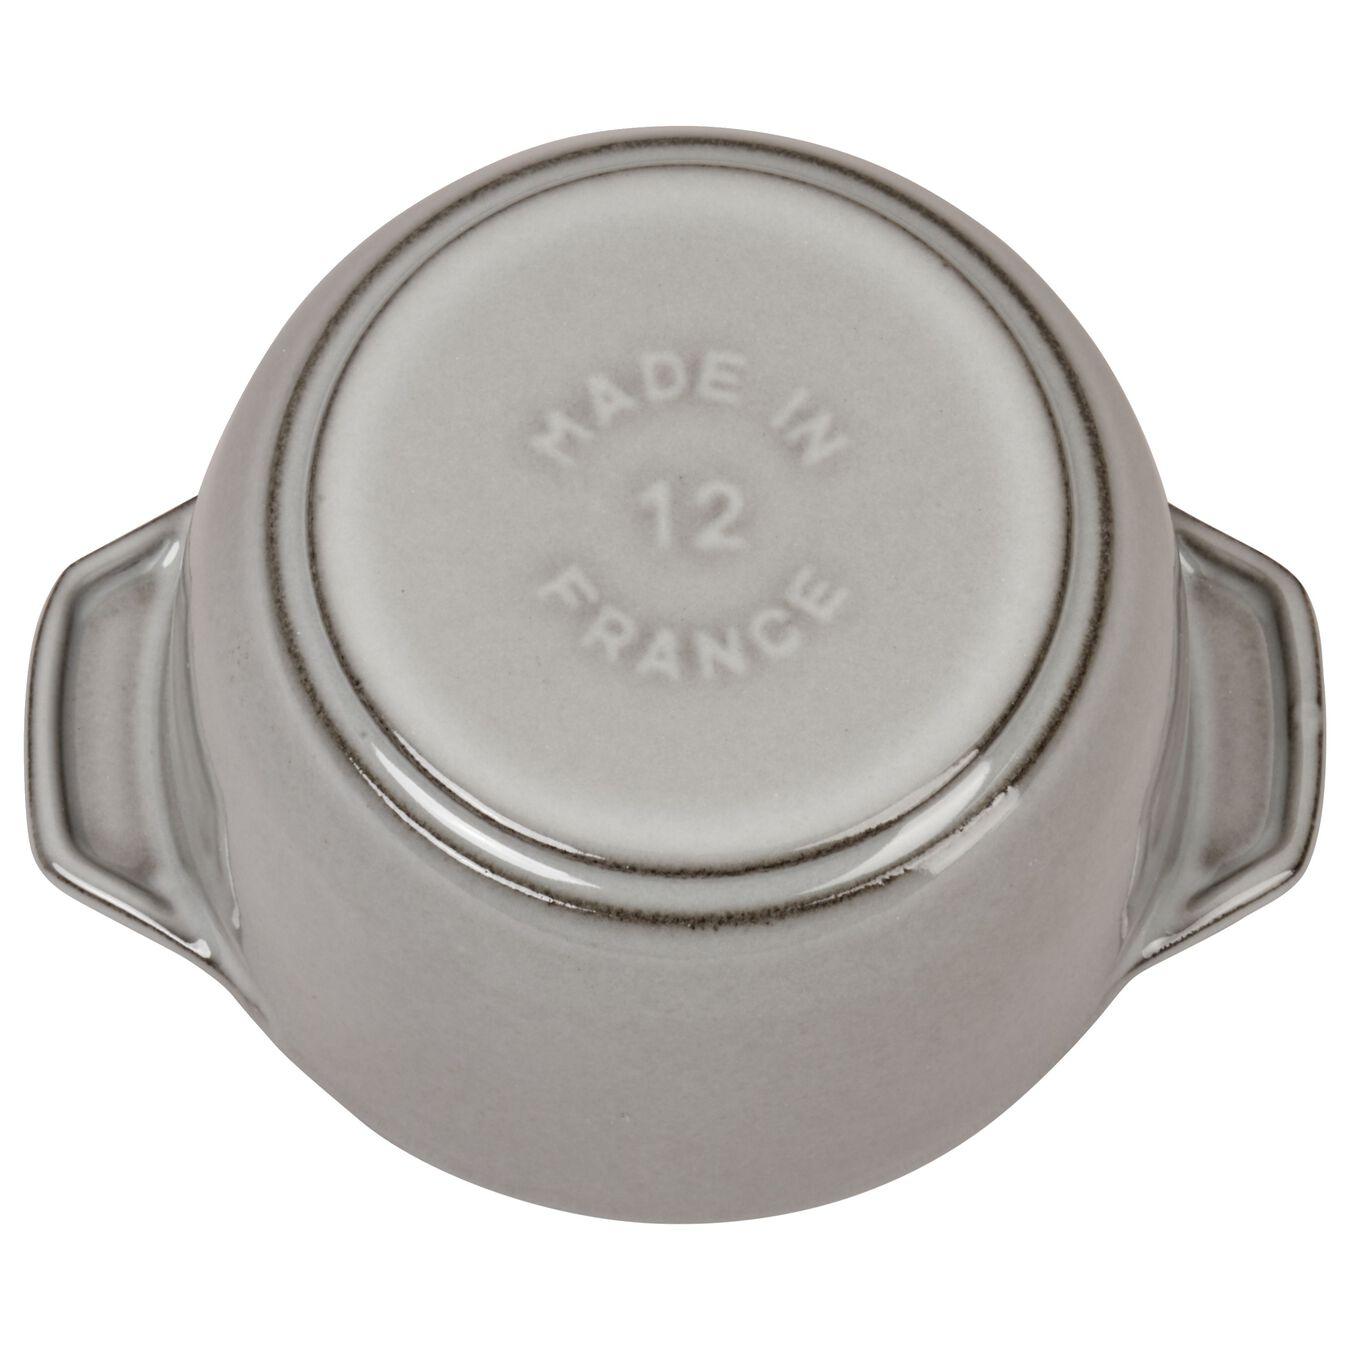 750 ml Cast iron round Cocotte à riz, Graphite-Grey,,large 4